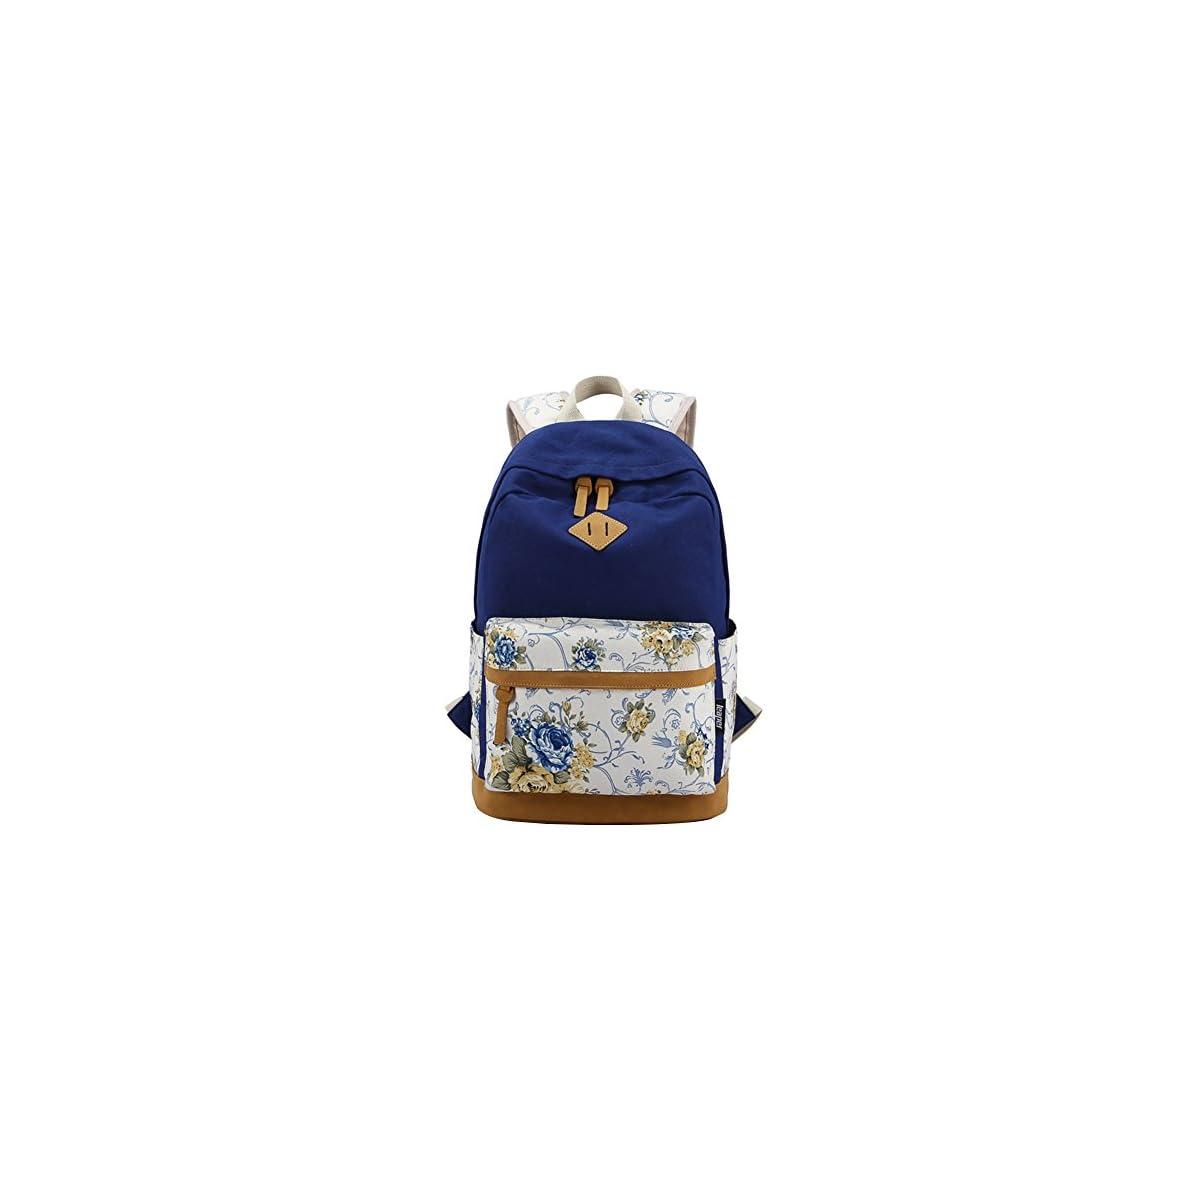 51V5D6x26WL. SS1200  - Moollyfox Las niñas Lona Mochila floral del Ordenador portátil bolso de escuela Mochilas para estudiantes Bolsa de viaje